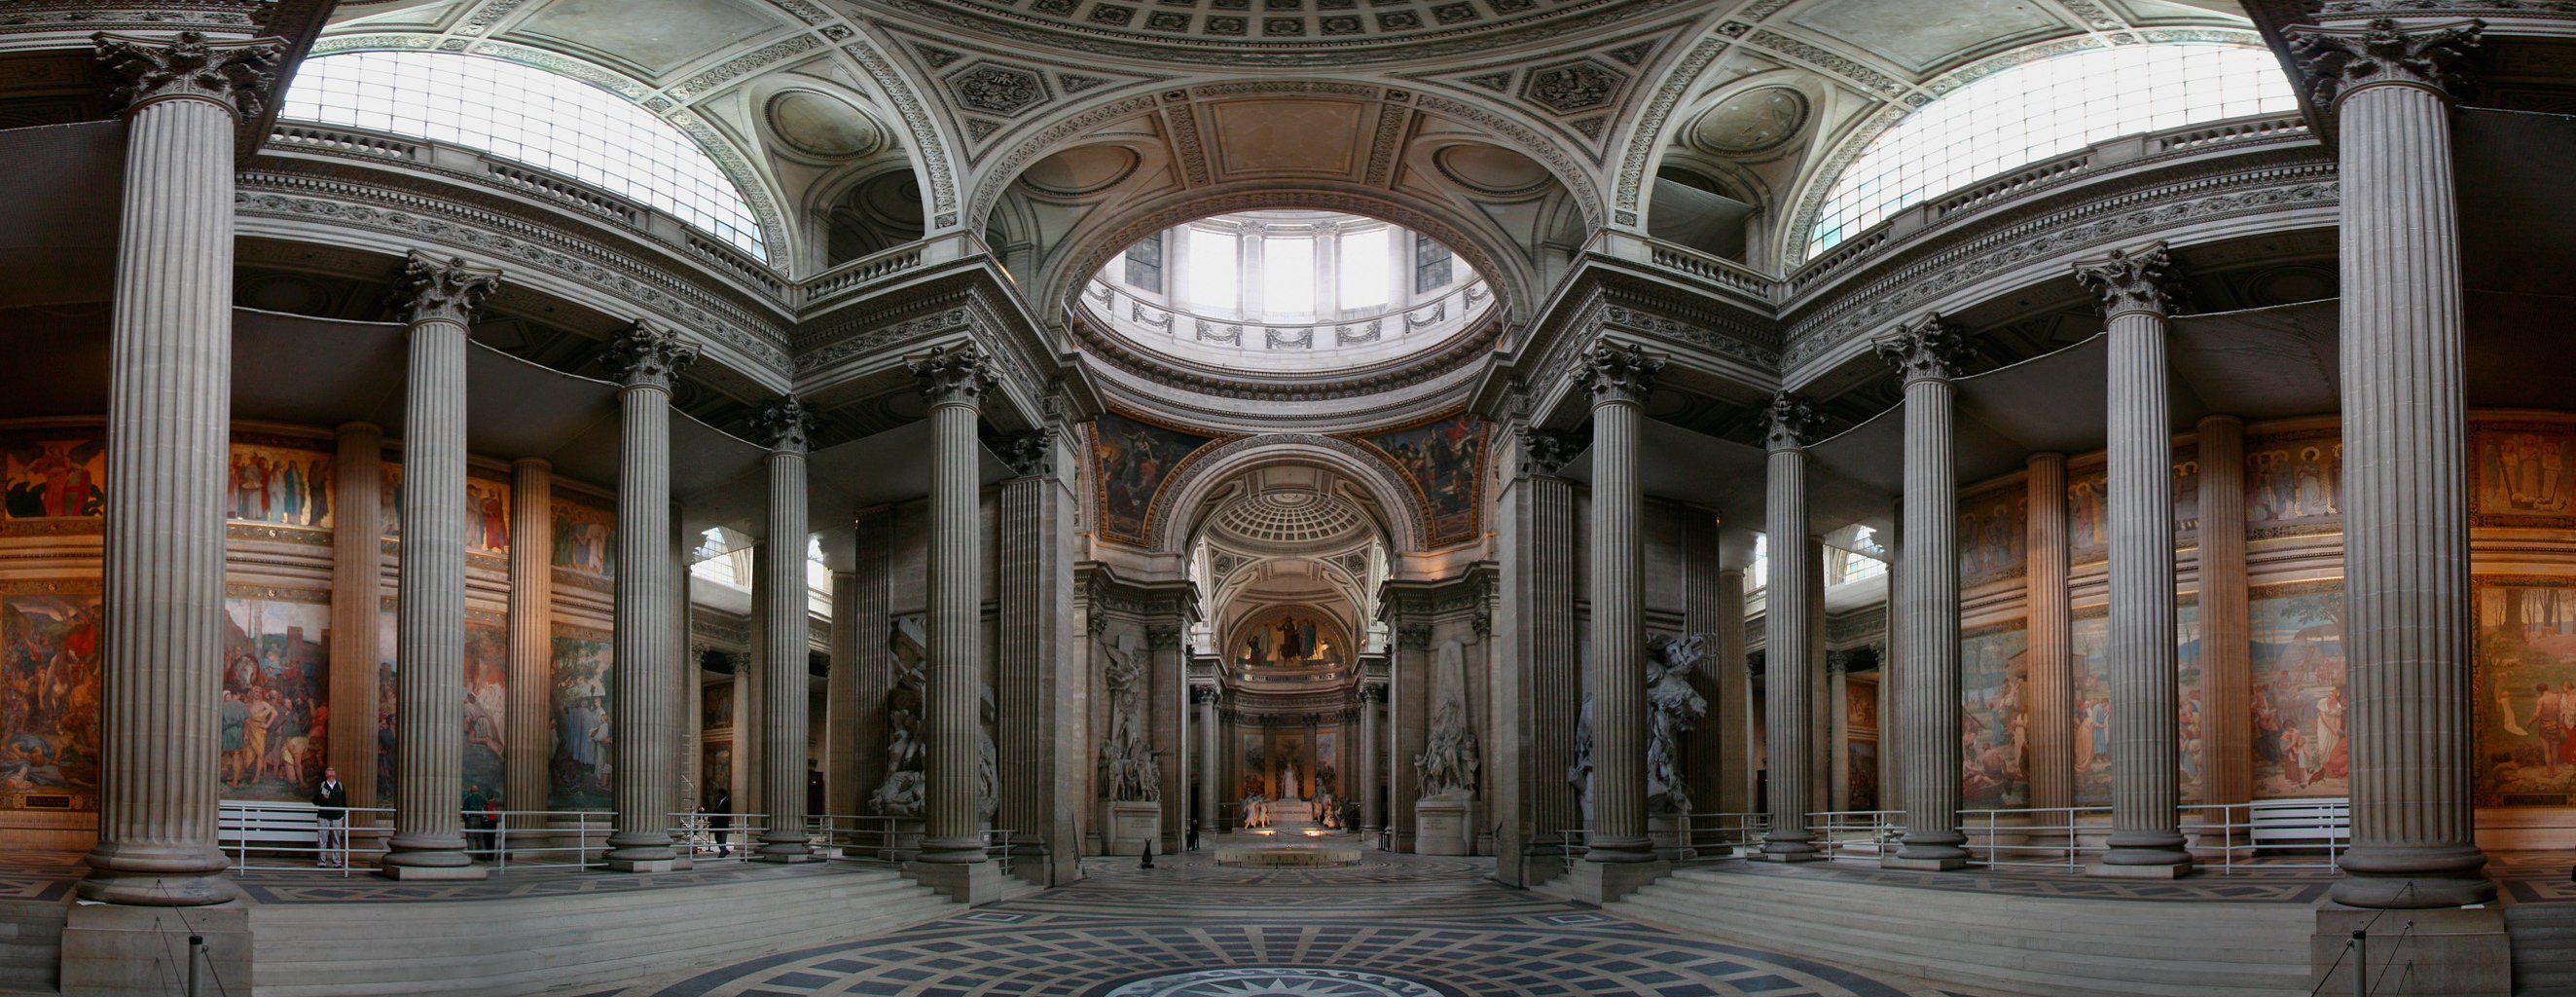 pantheon paris vue panoramique de l 39 int rieur. Black Bedroom Furniture Sets. Home Design Ideas